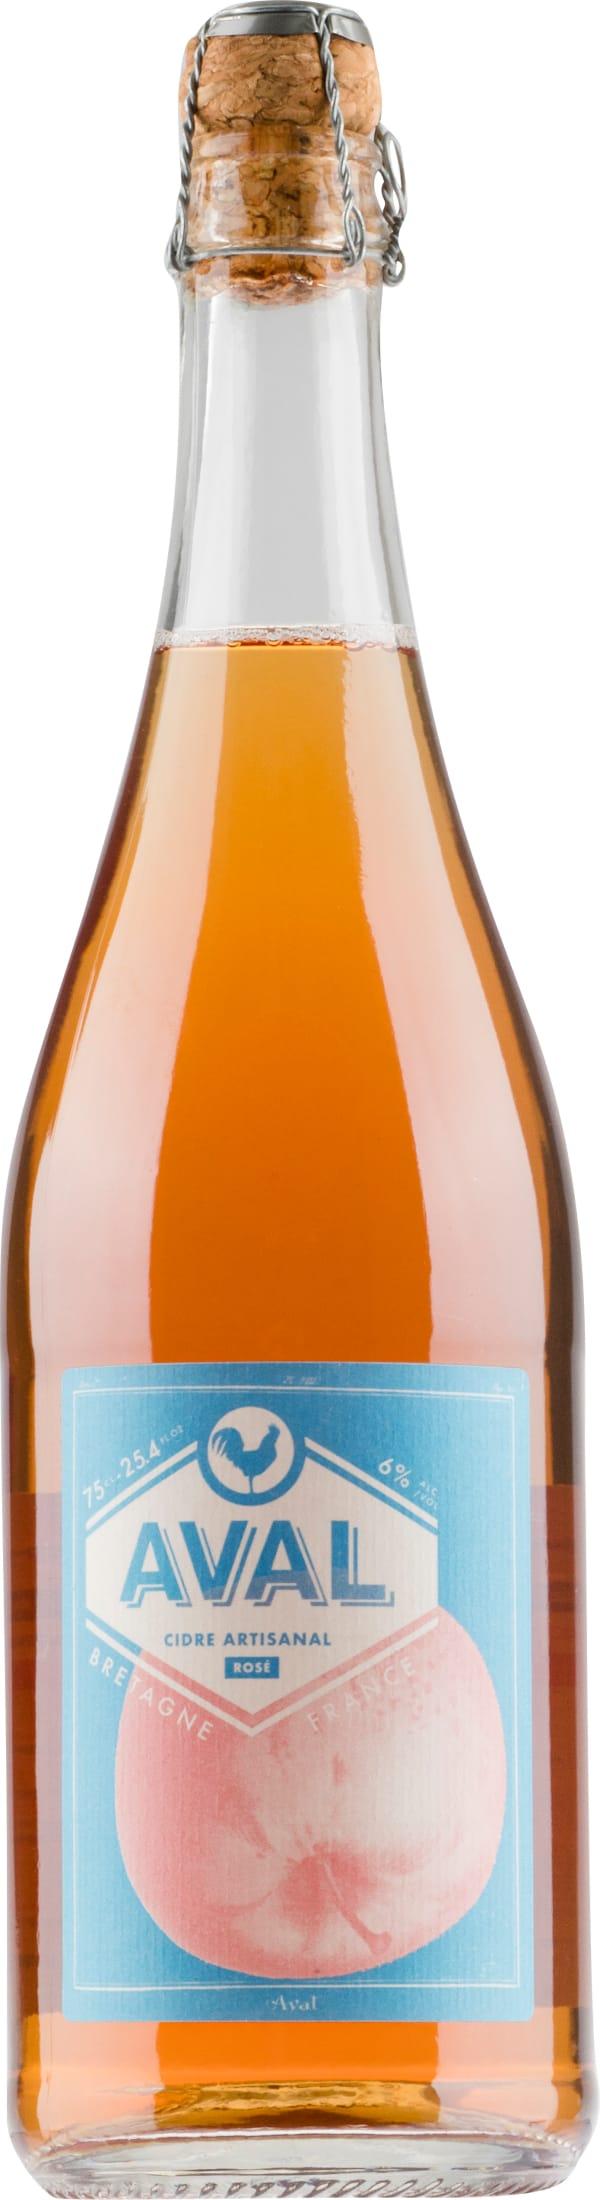 Aval Cidre Artisanal Rosé